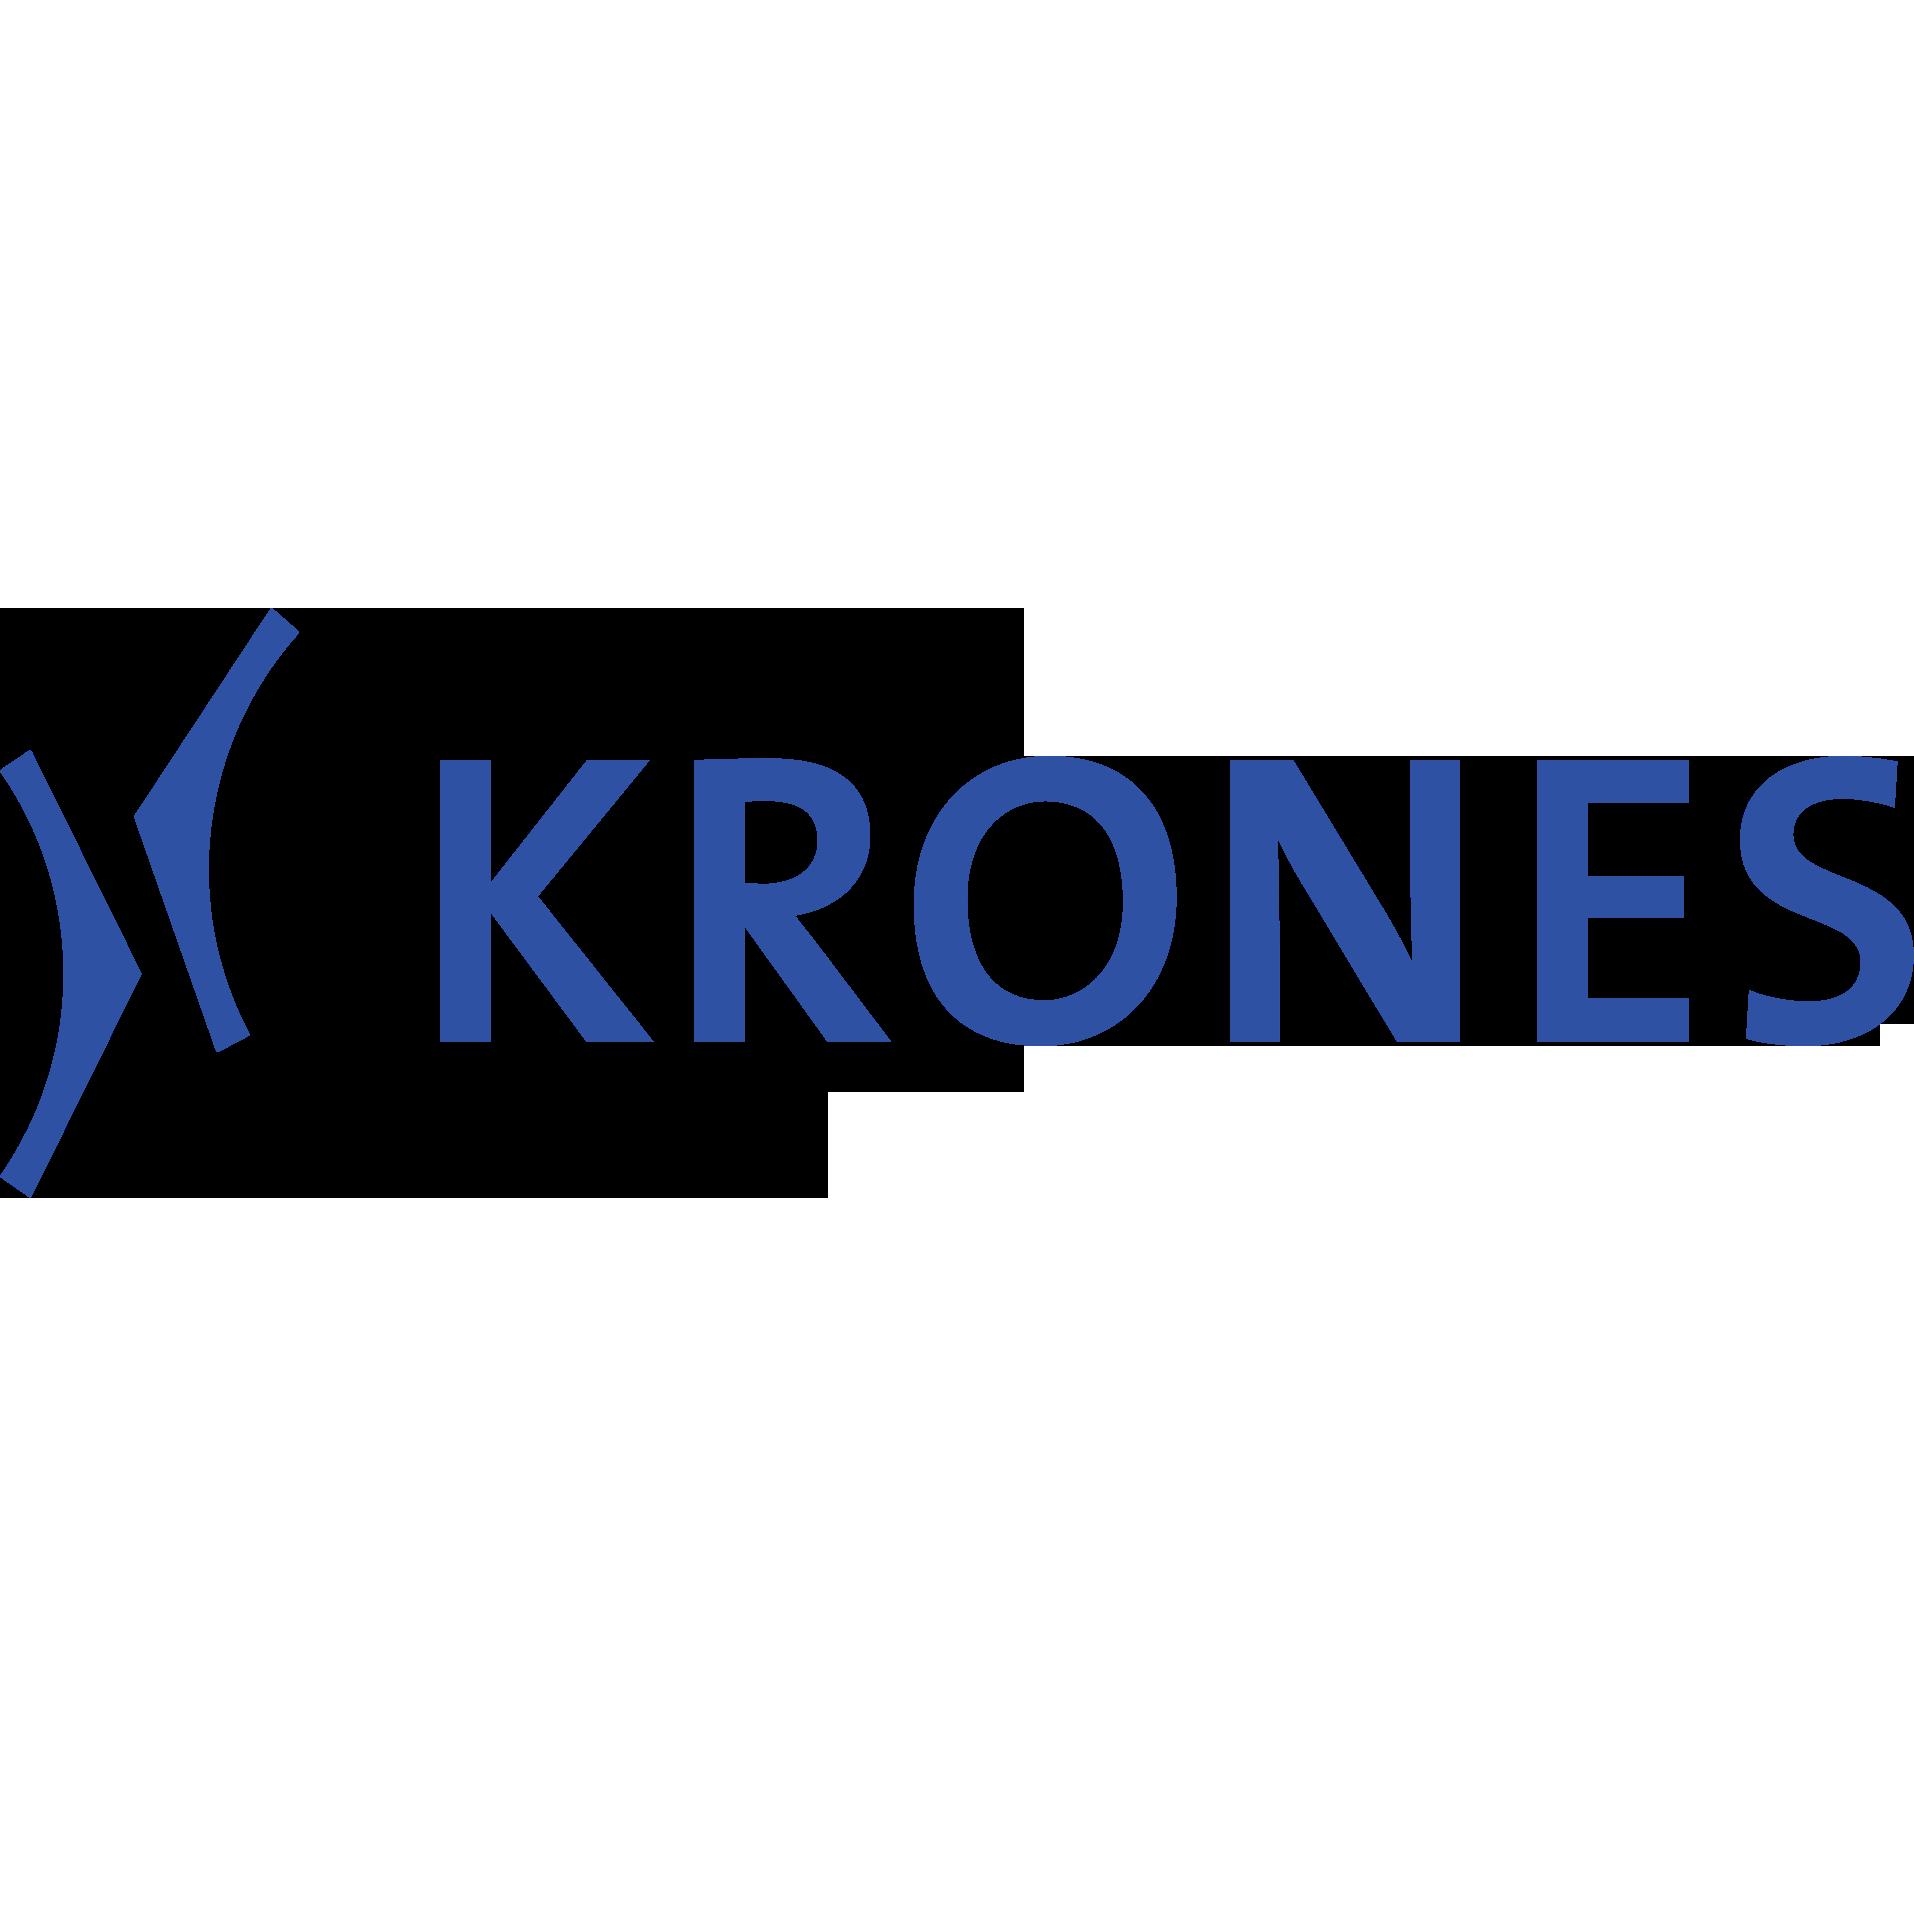 krones-logo